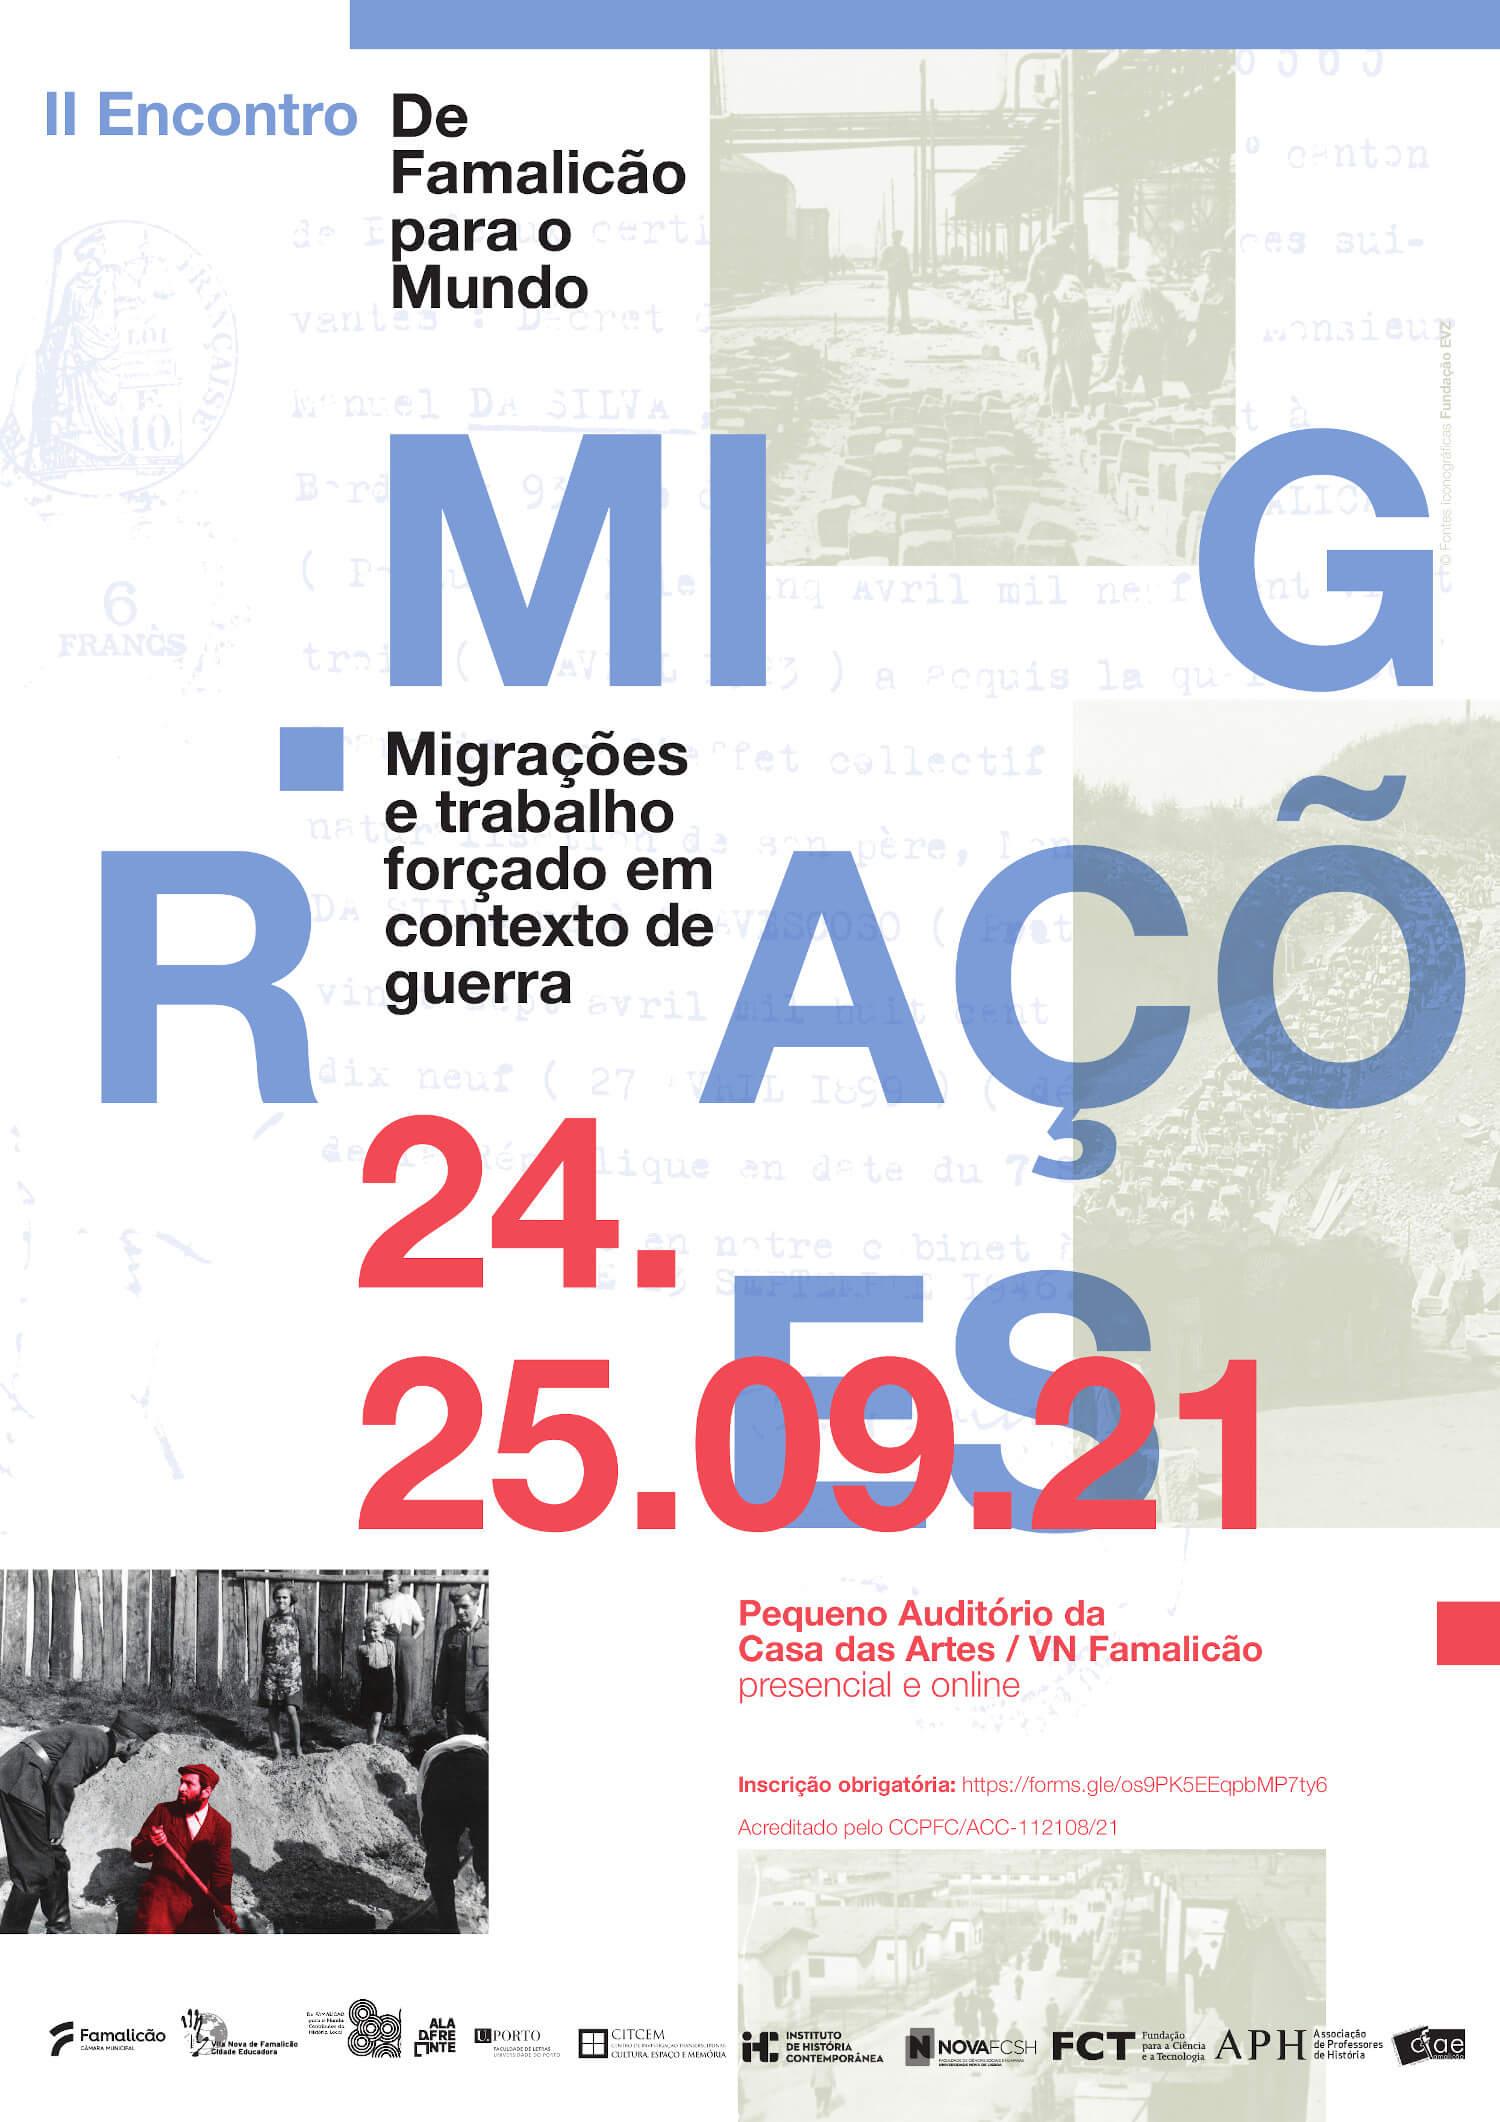 """Cartaz do II Encontro De Famalicão para o Mundo """"Migrações e trabalho forçado em contexto de guerra"""""""